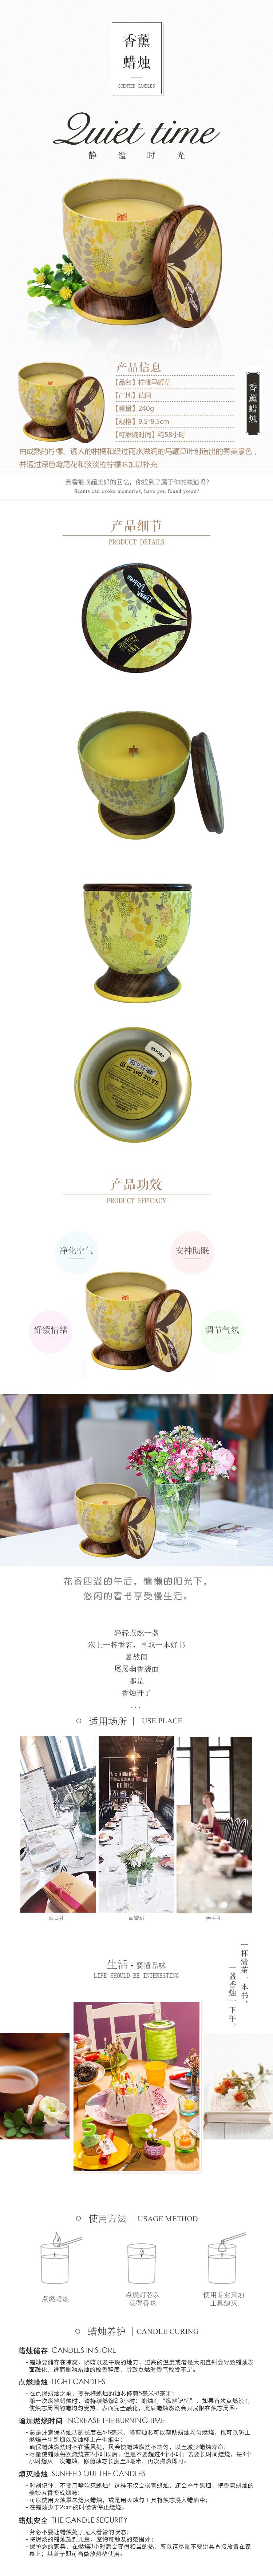 柠檬马鞭草蜡烛-1.jpg